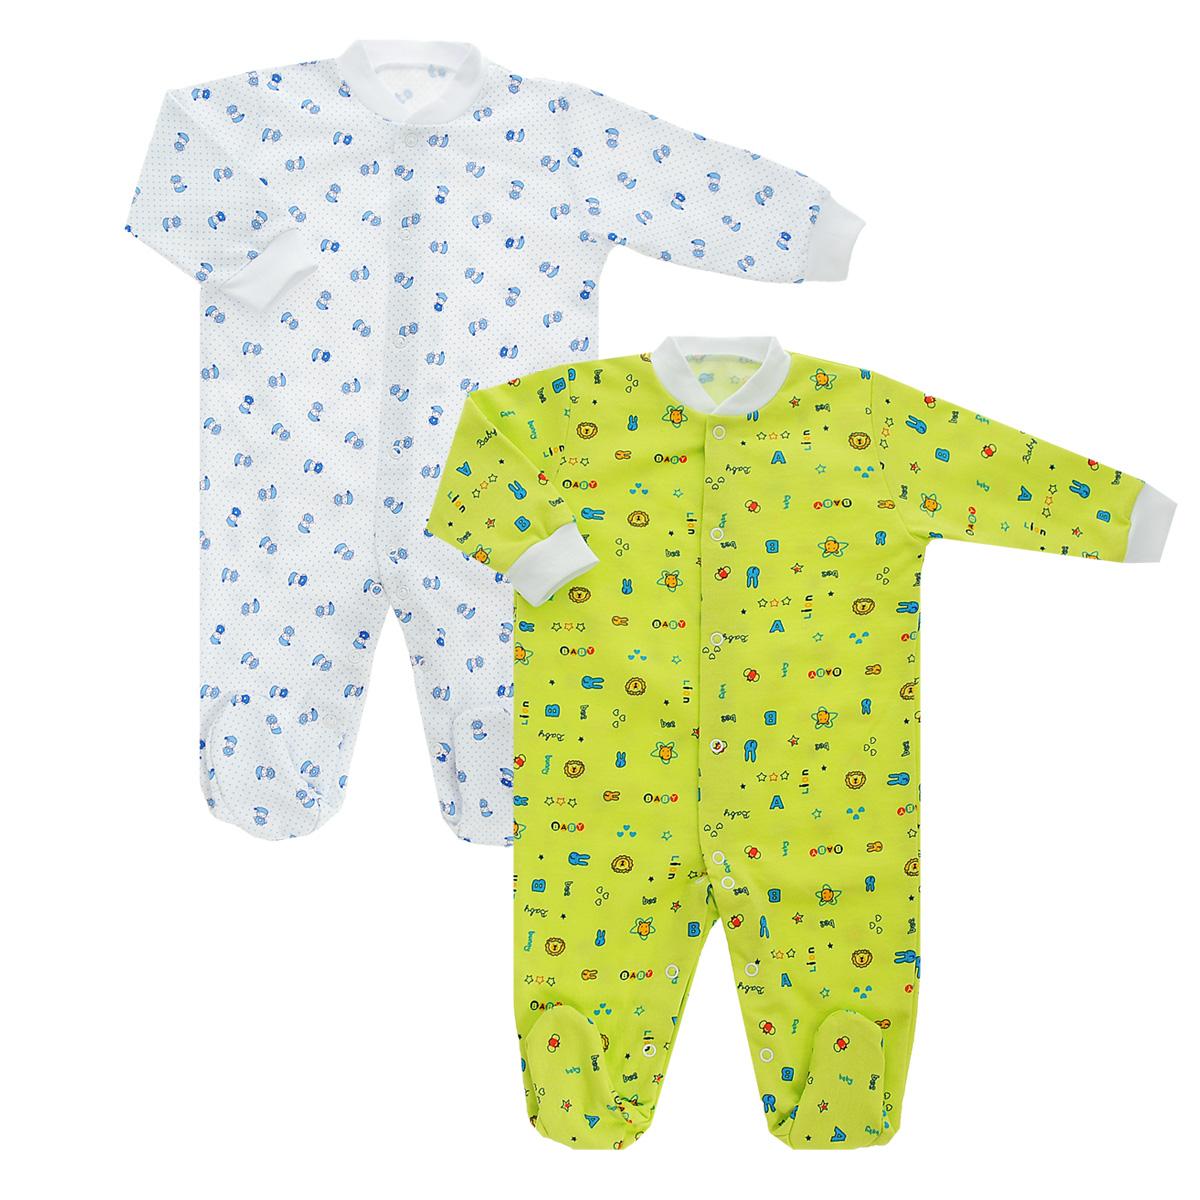 Комплект комбинезонов для мальчика Фреш стайл, цвет в ассортименте, 2 шт. 21-526м. Размер 74, 9 месяцев